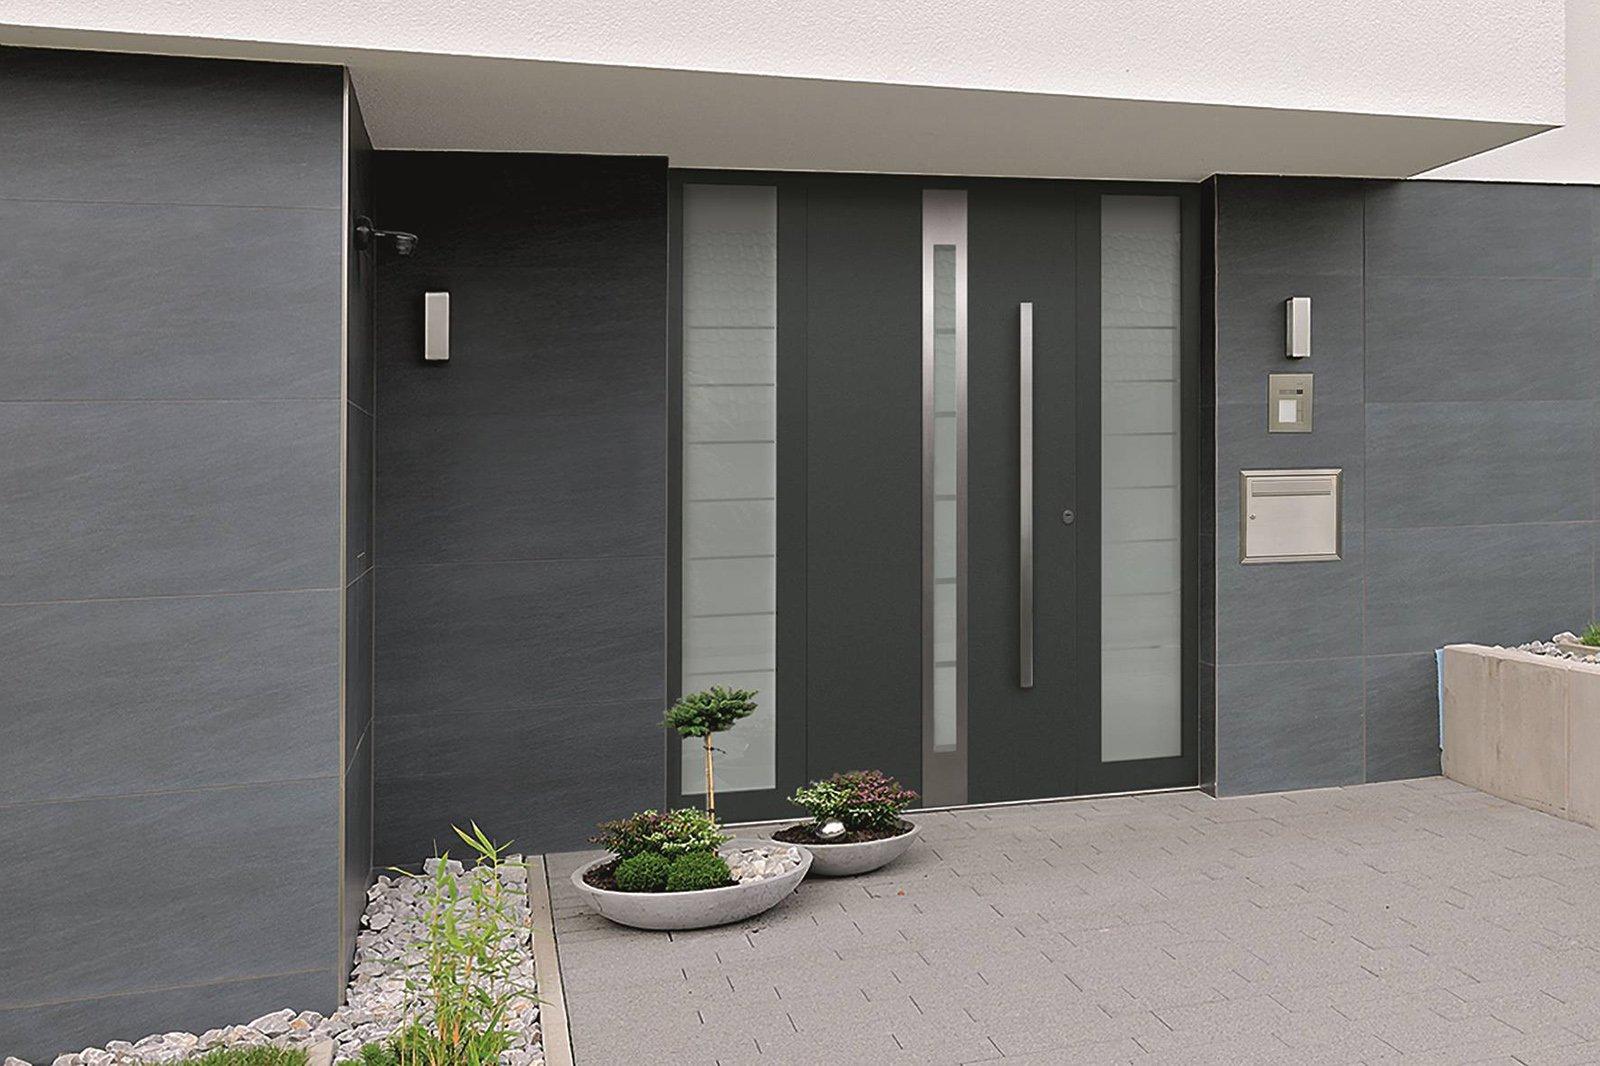 Porte e finestre di sicurezza casa protetta anche durante le vacanze cose di casa - Ingressi case moderne ...